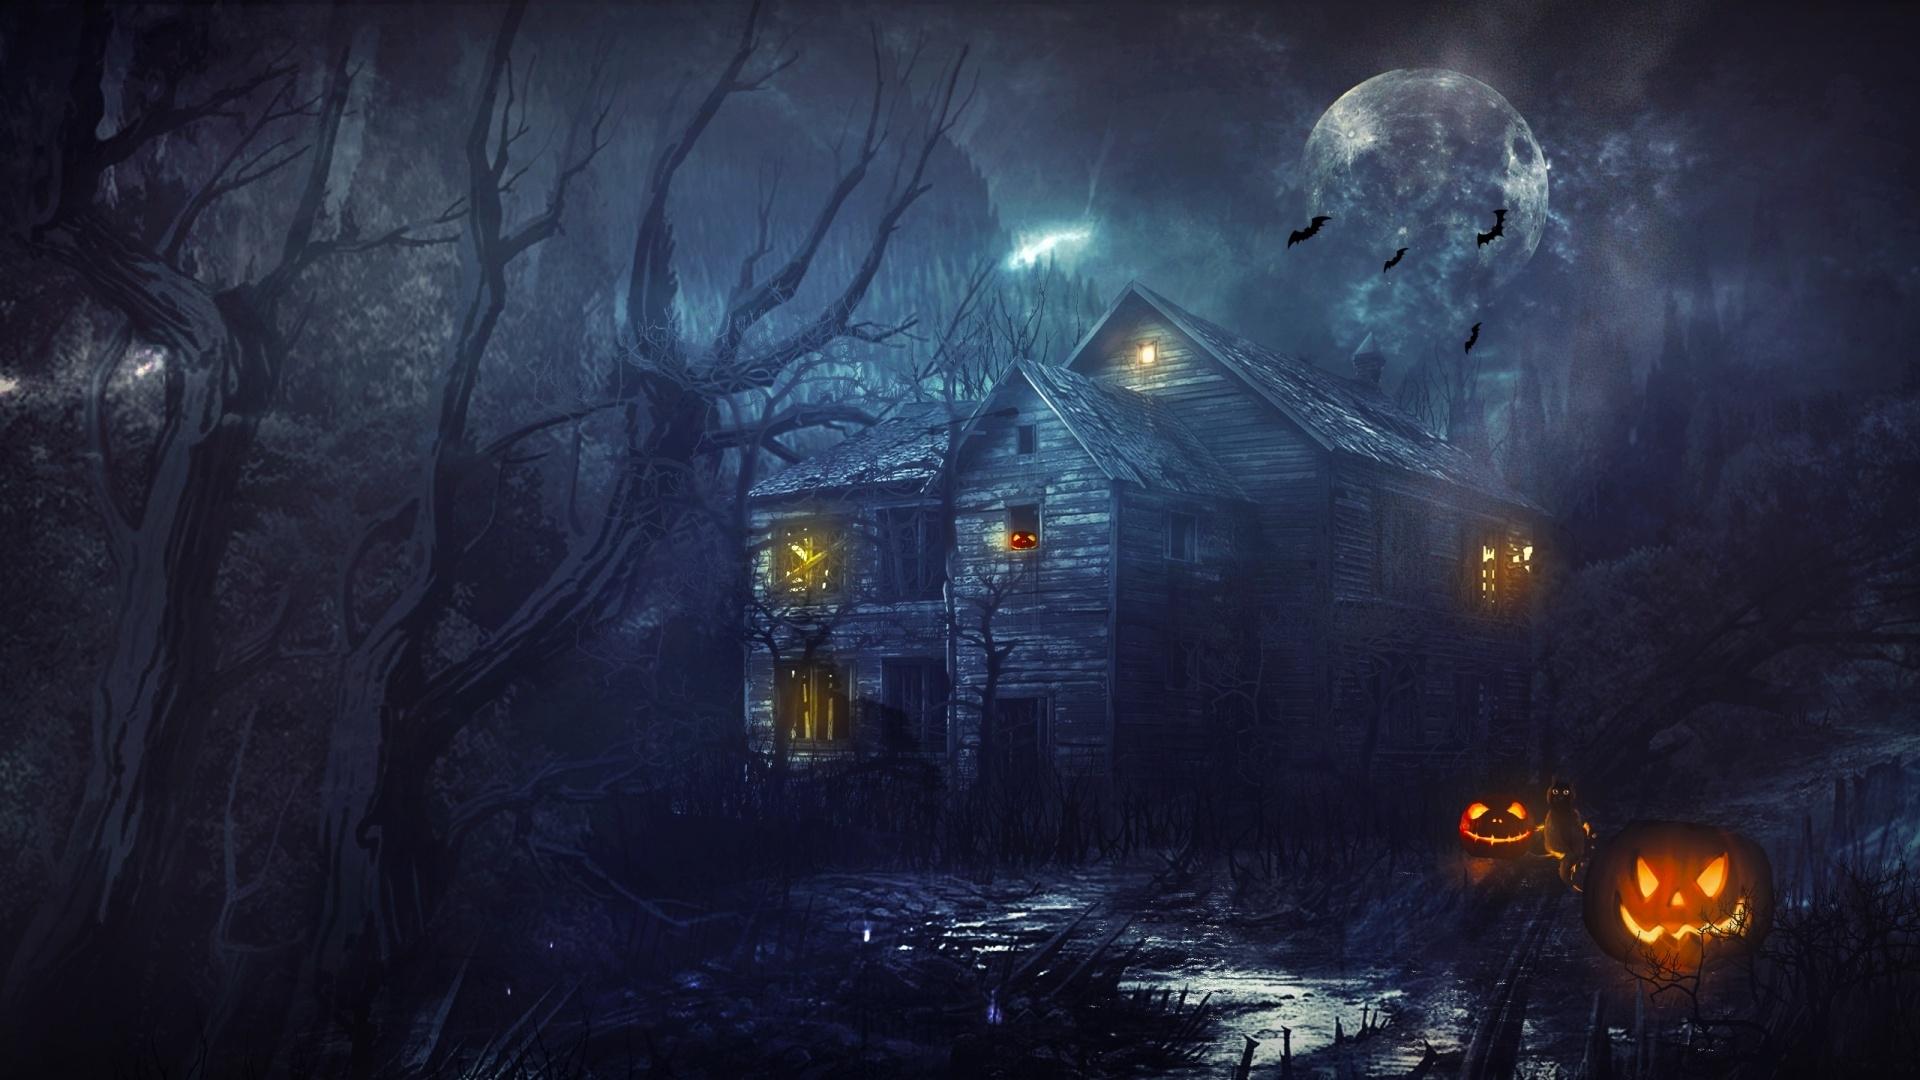 halloween-wallpaper-1920x1080_1 | hd wallpaper full | pinterest